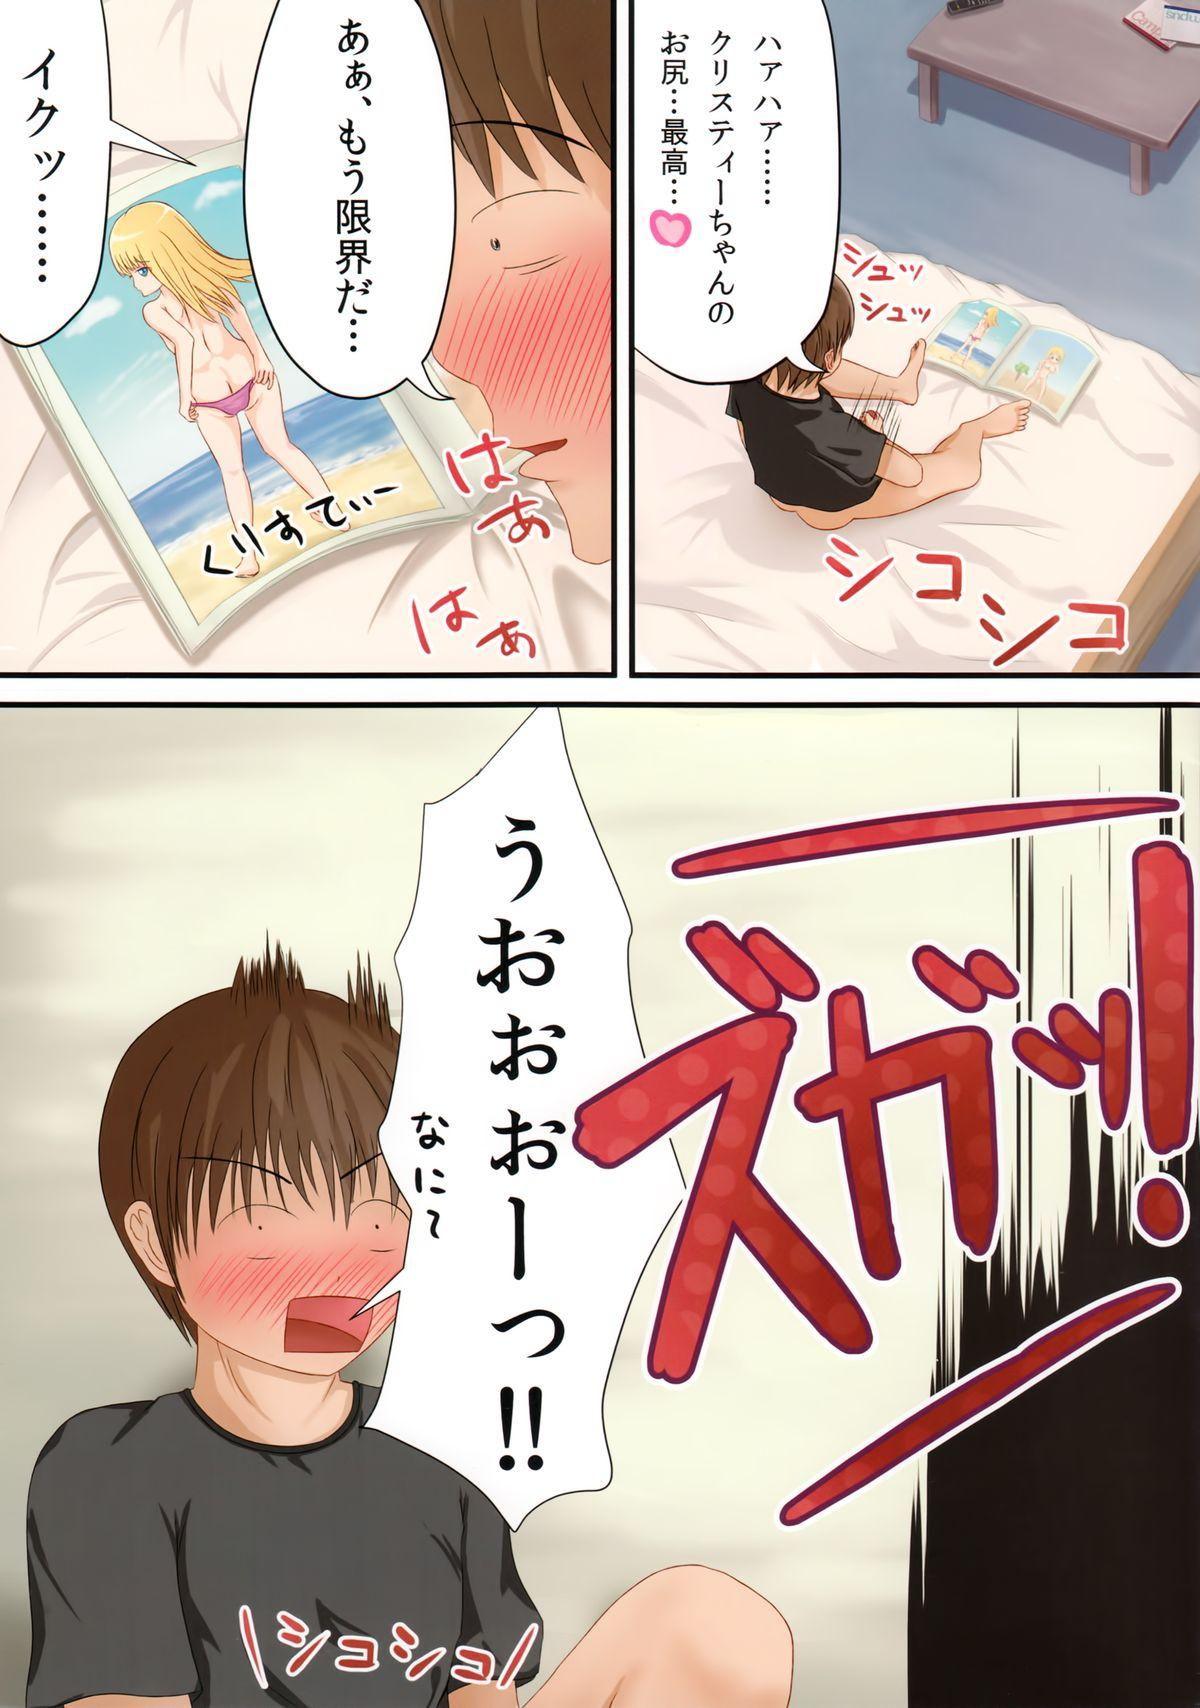 Sora kara Tengu ga Futte Kita 1